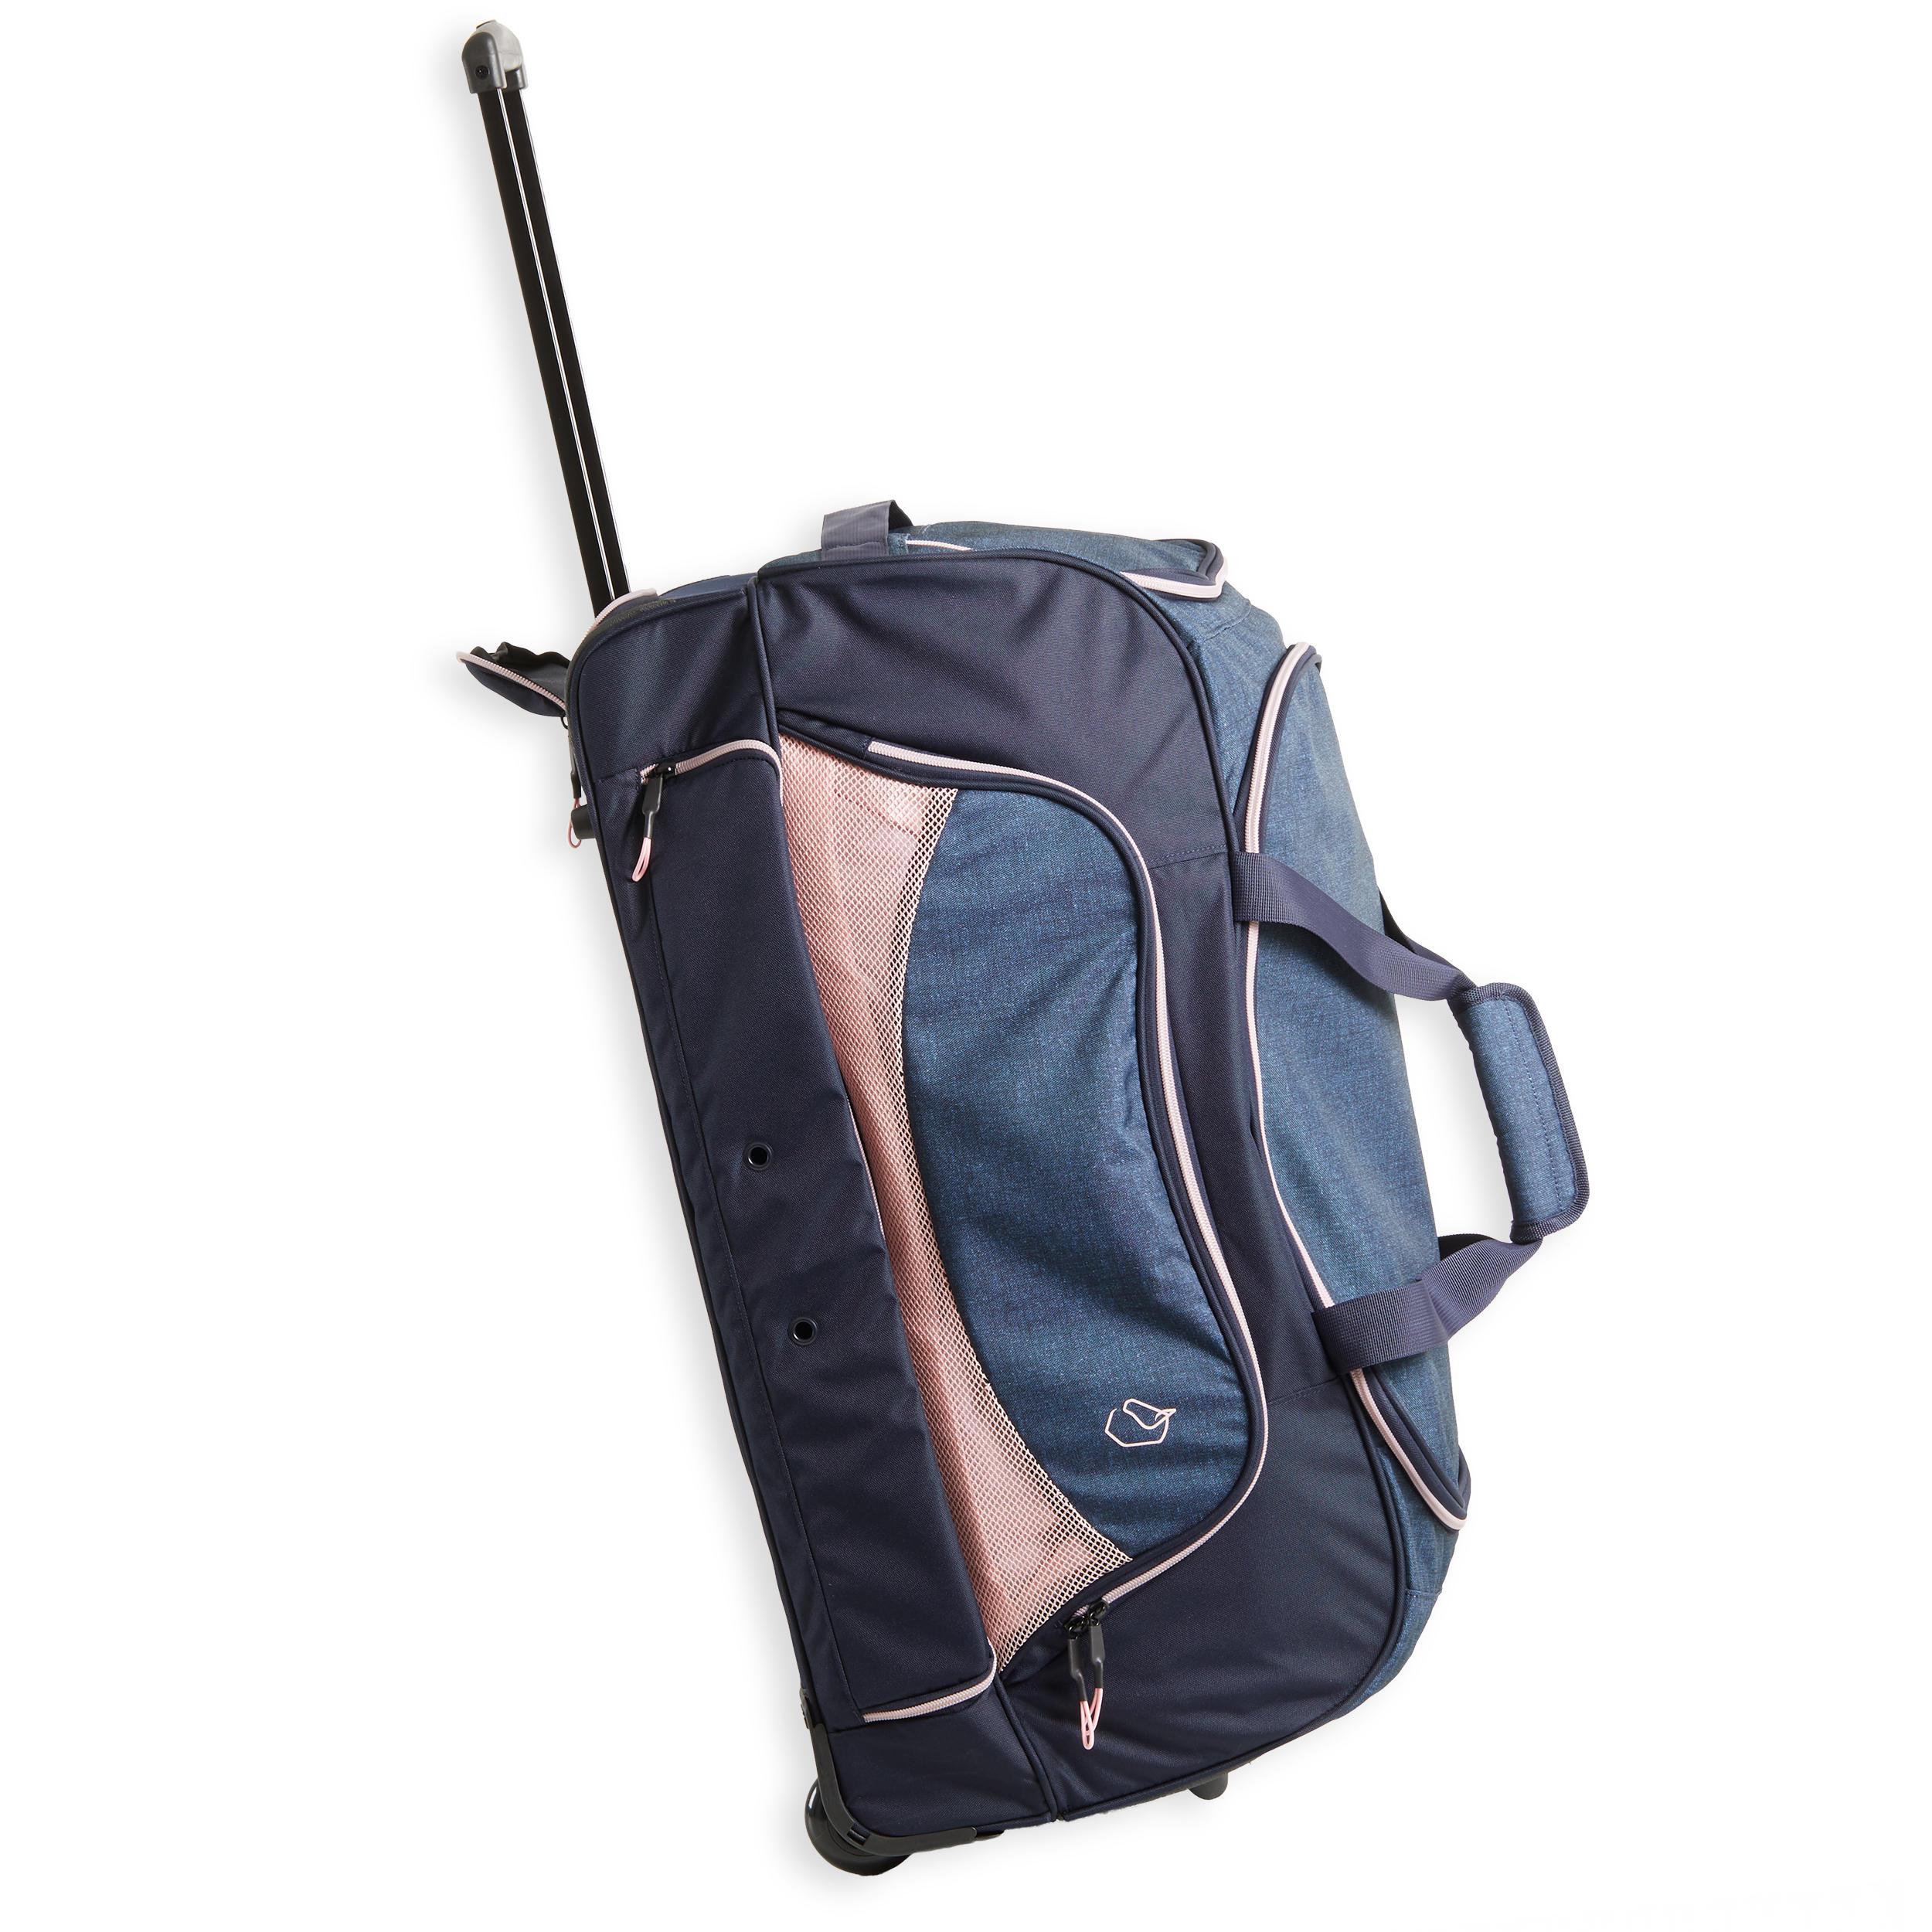 Trolley Bag For Horse Riding Gear 80l Grey Camel Fouganza Decathlon